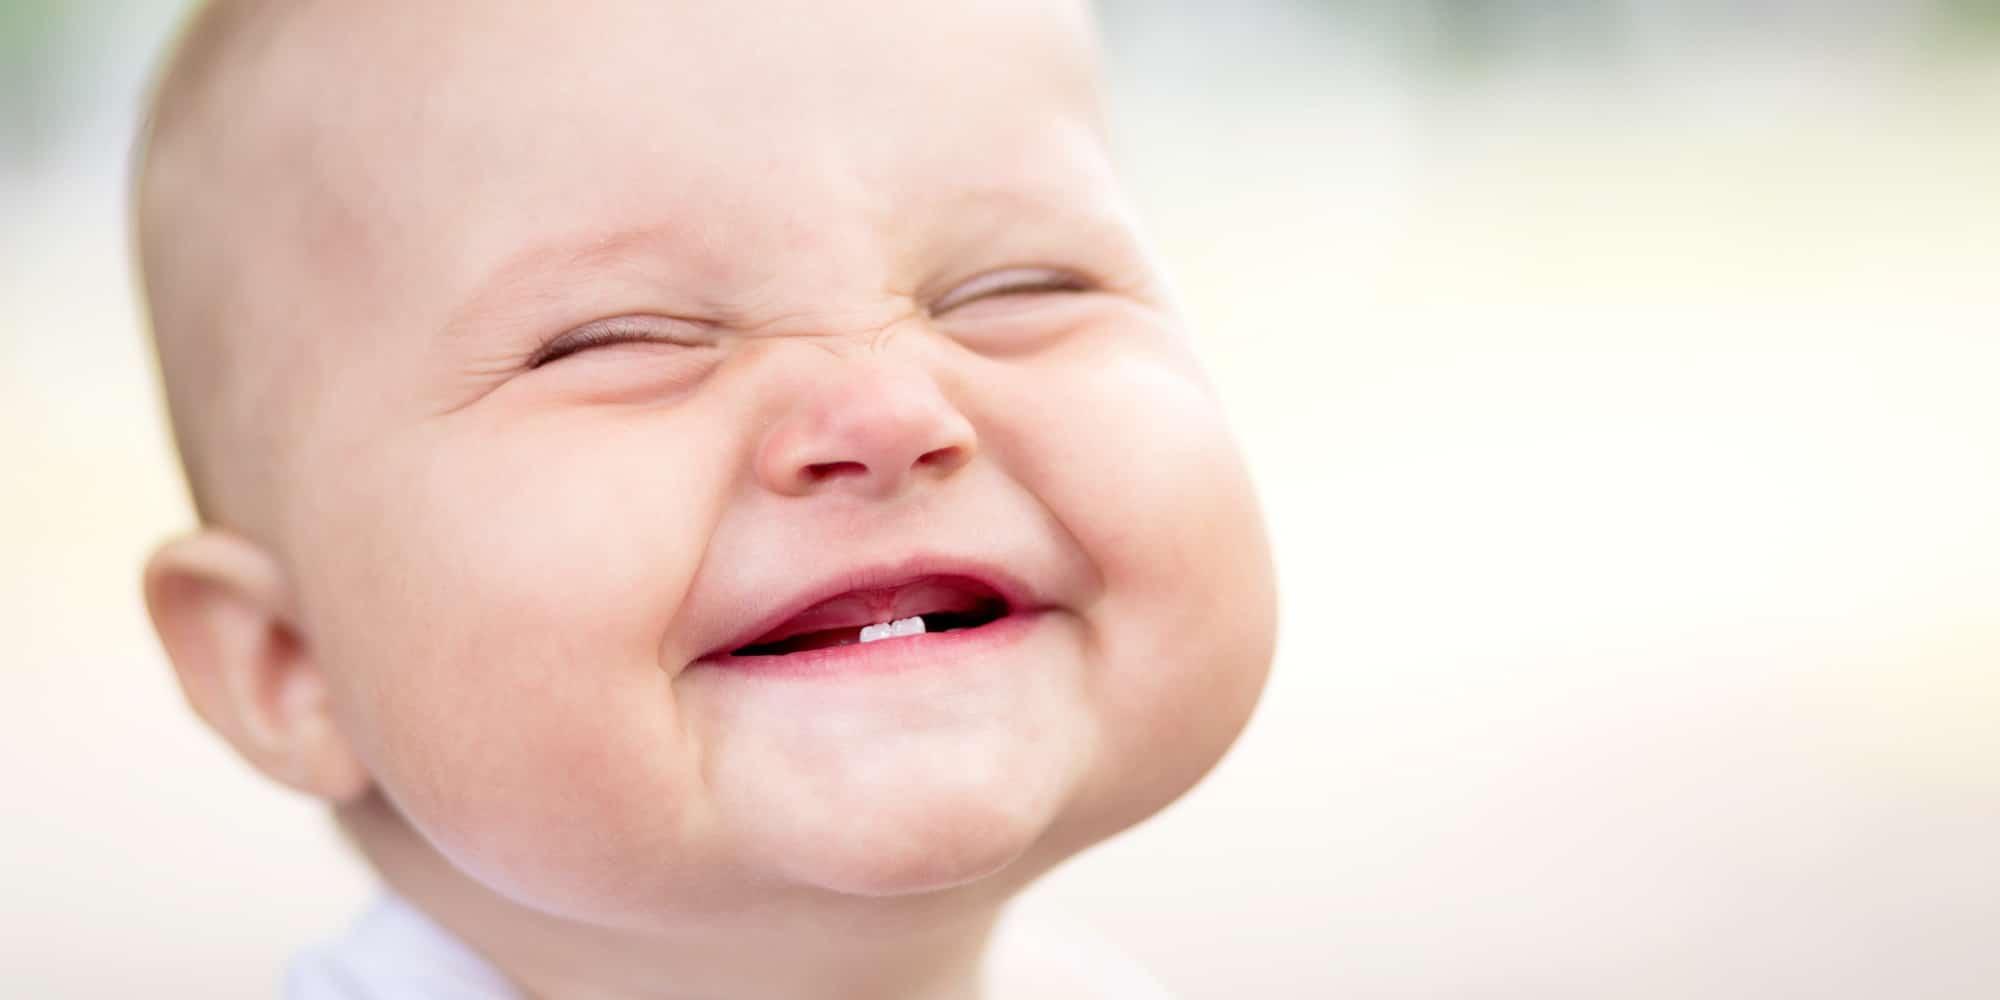 علاج قشرة الحليب عند الرضيع